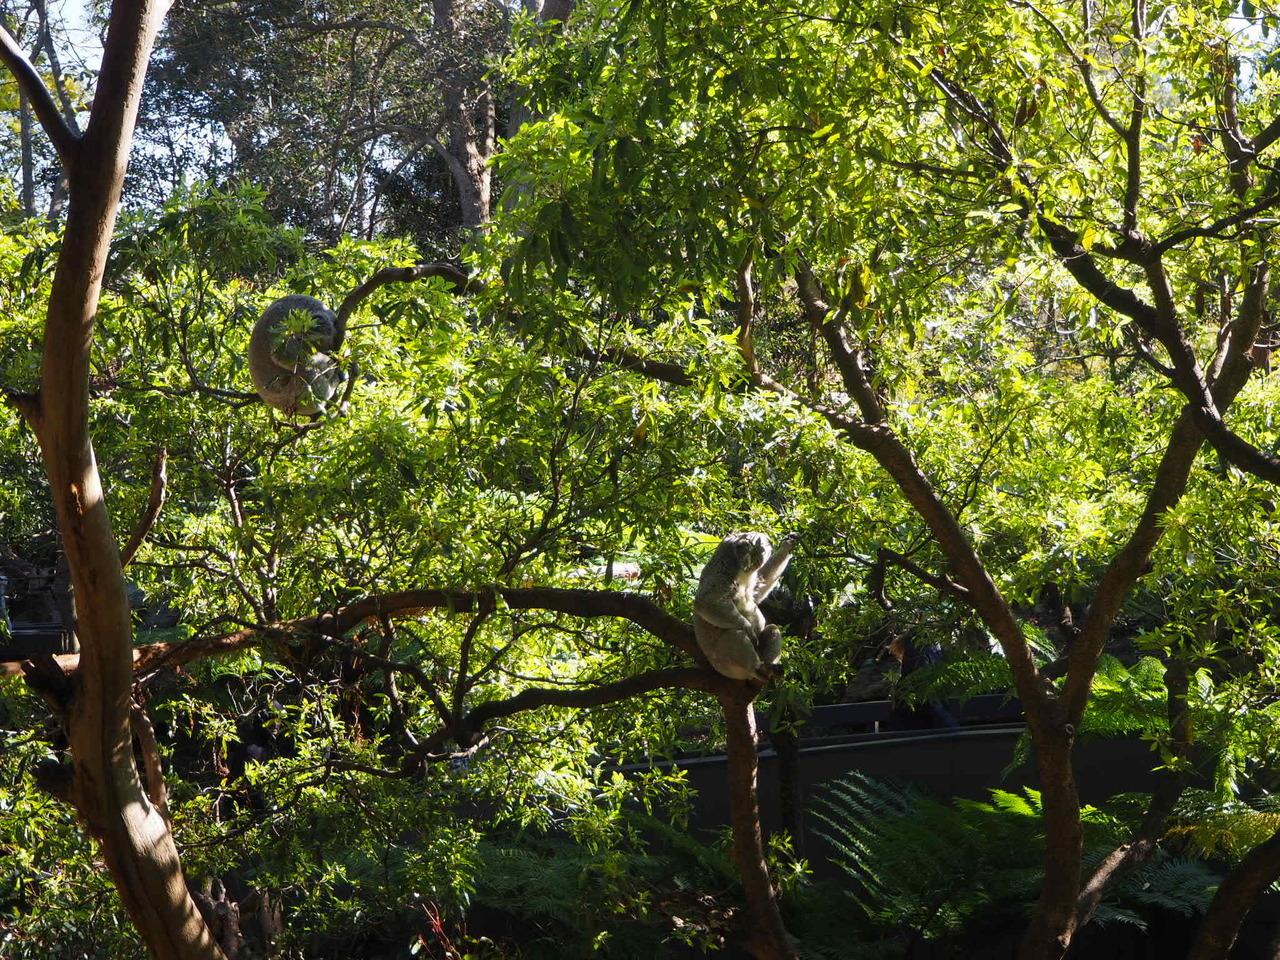 いざ動物園に着いて、やっぱ一番見たいのはコアラ!この写真わかりにくいけど2匹写ってます。コアラって大人しく木の上で寝たり葉っぱ食べてるかと思いきや、私が見た時は結構活発に動いてた!